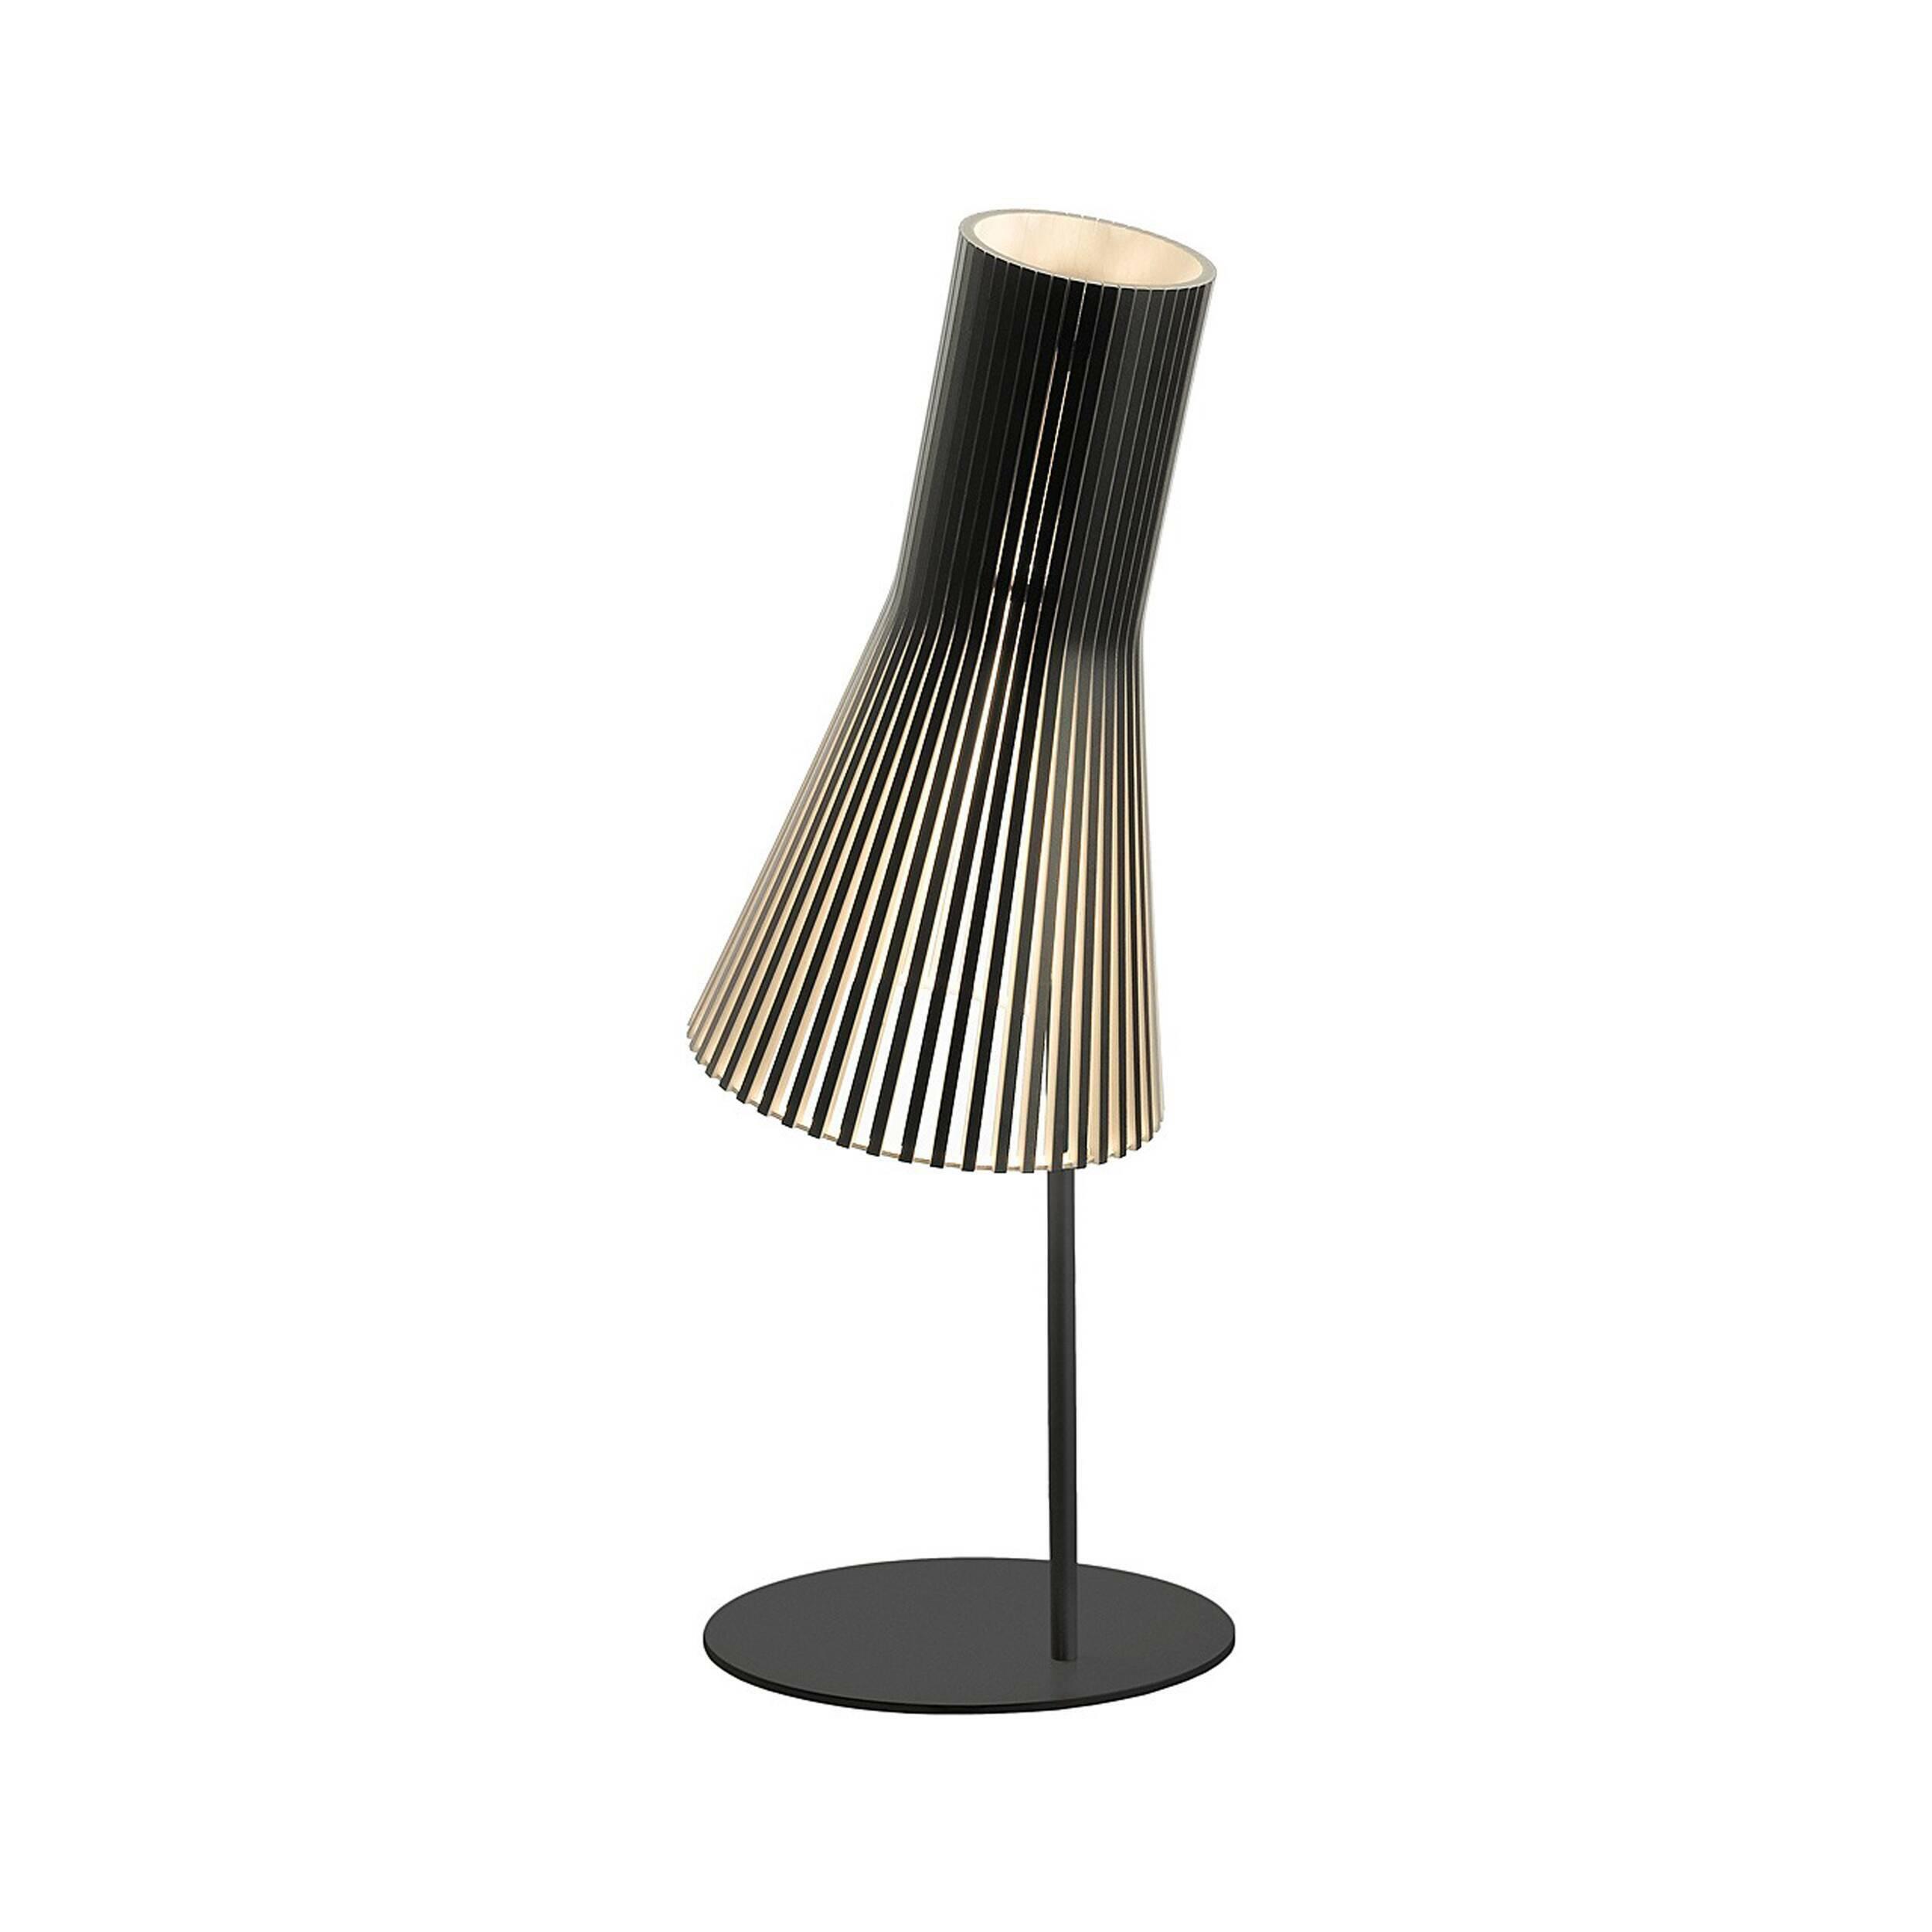 Настольная лампа Secto Design 15575566 от Cosmorelax